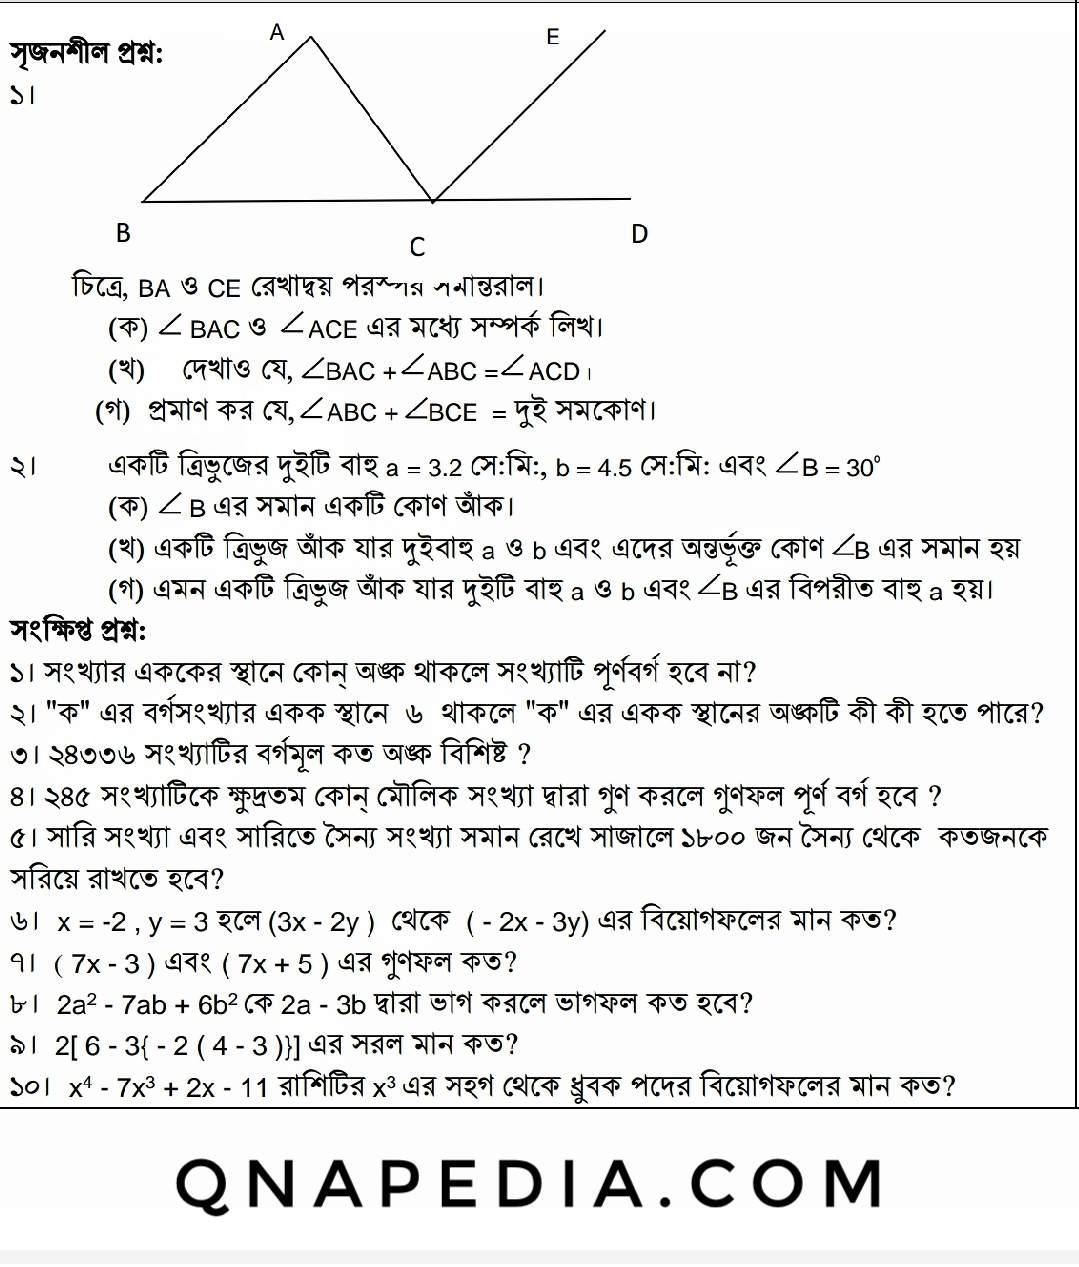 সপ্তম শ্রেণী গণিত অ্যাসাইনমেন্ট উত্তর: Class 7 Math Assignment Answer